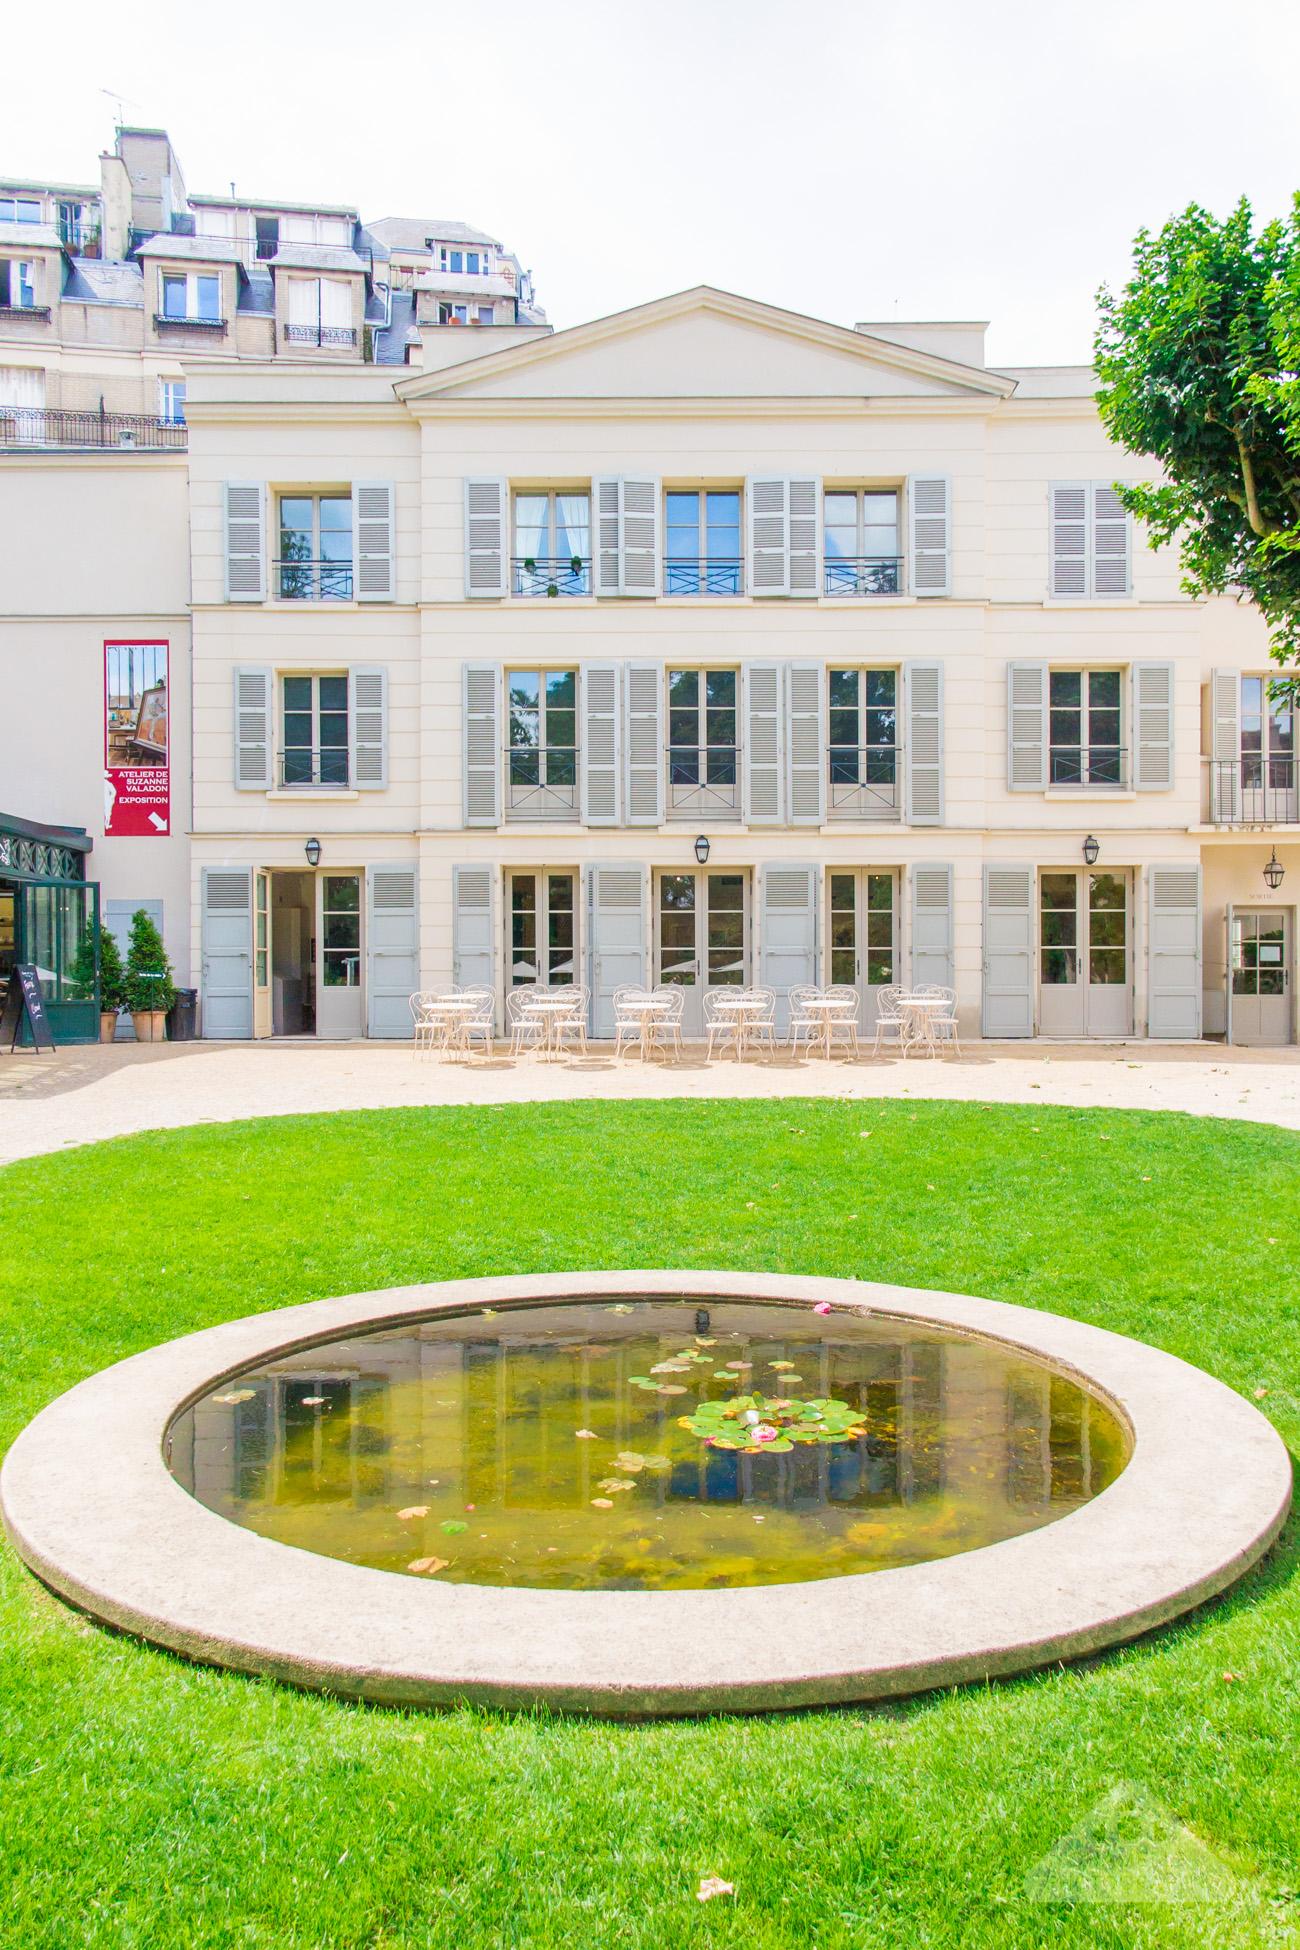 Musee Montmartre Museum Paris France travel blog photograph